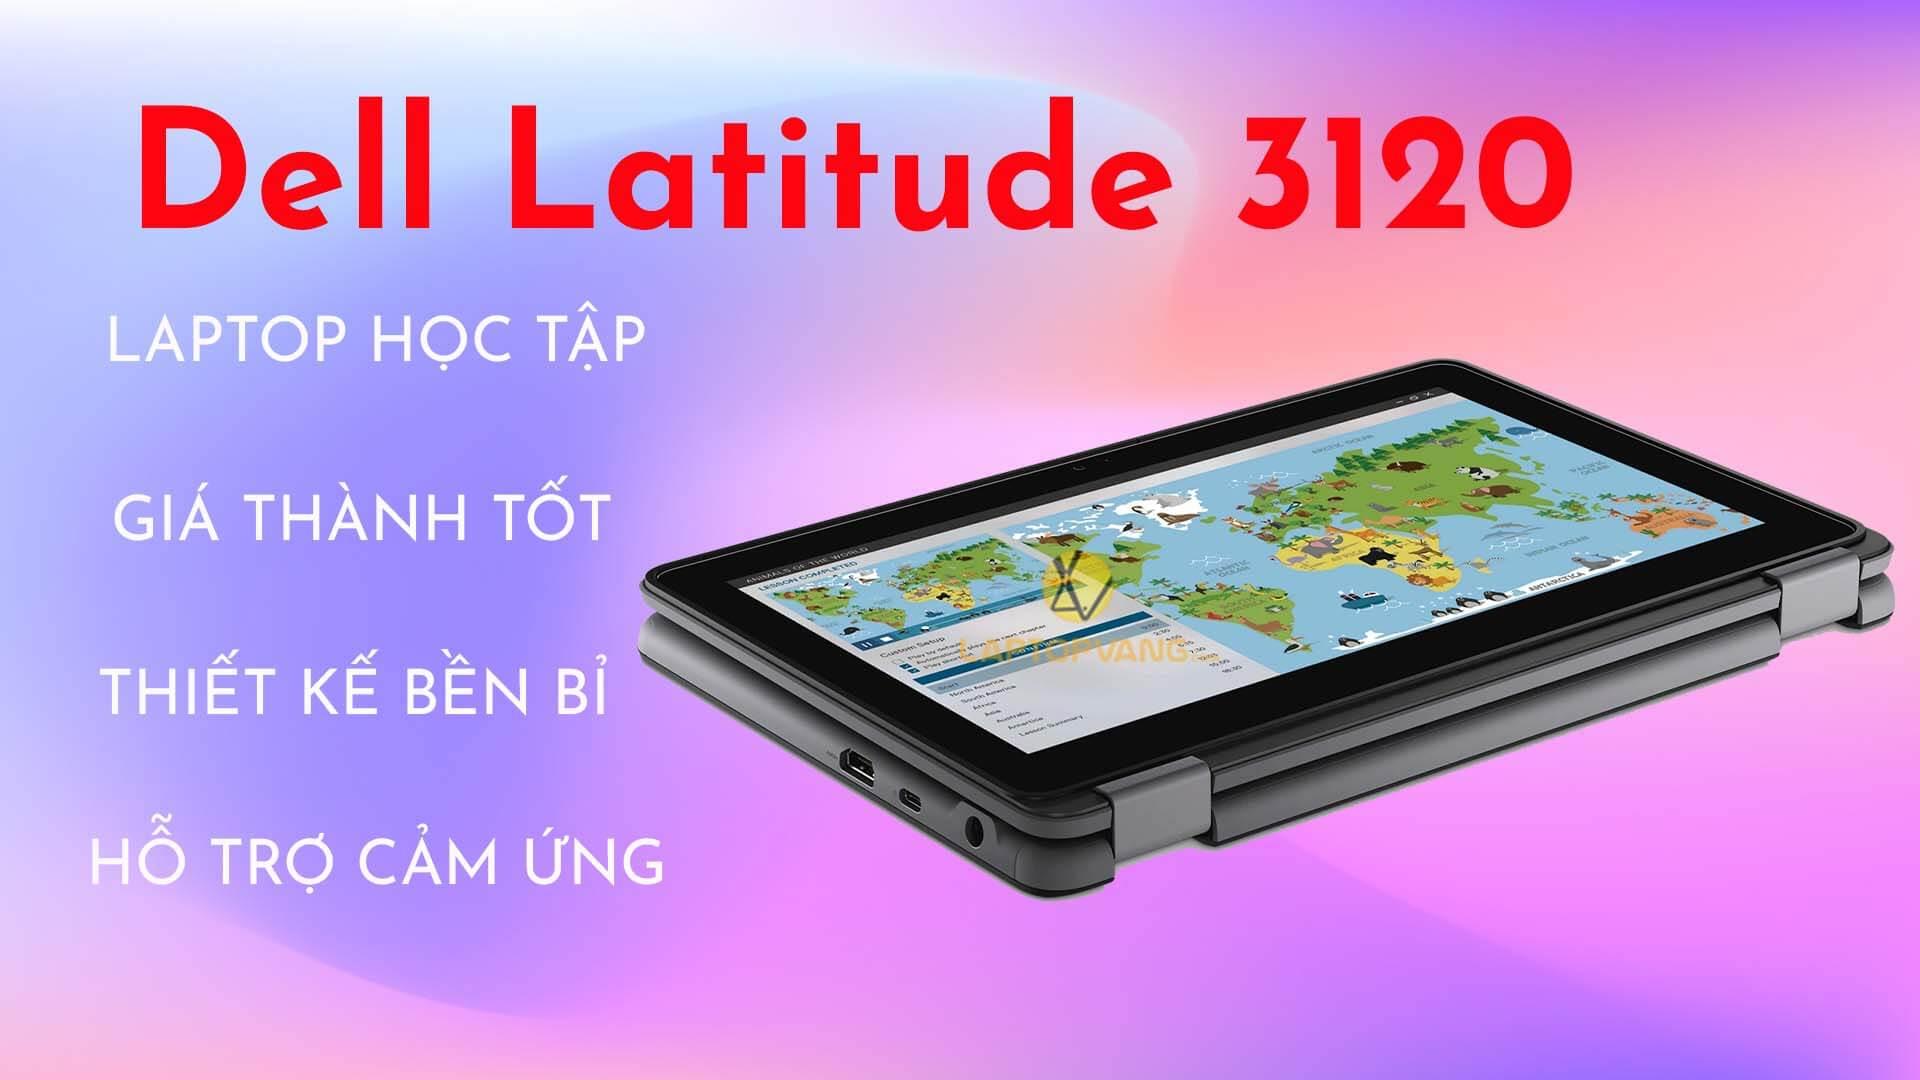 Dell Latitude 3120